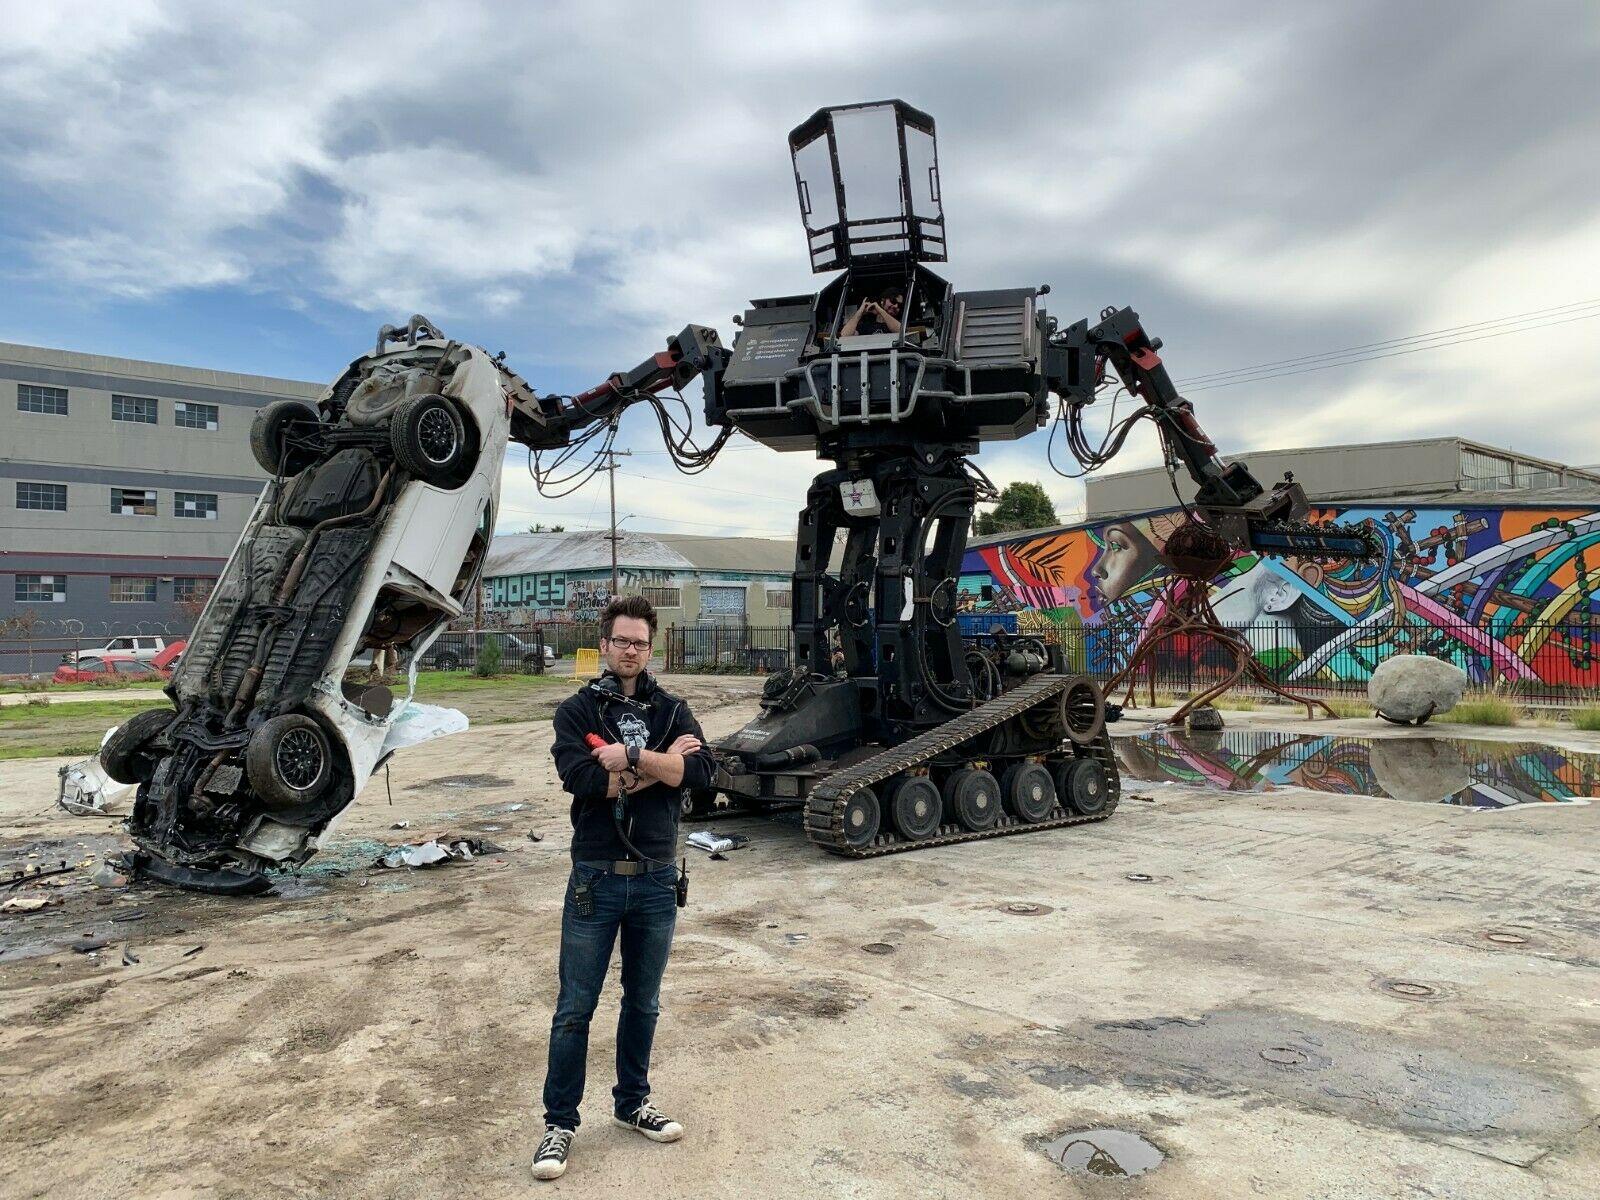 Компания MegaBots объявила о банкротстве и продает на eBay своего 15-тонного рабочего боевого робота Eagle Prime - 1